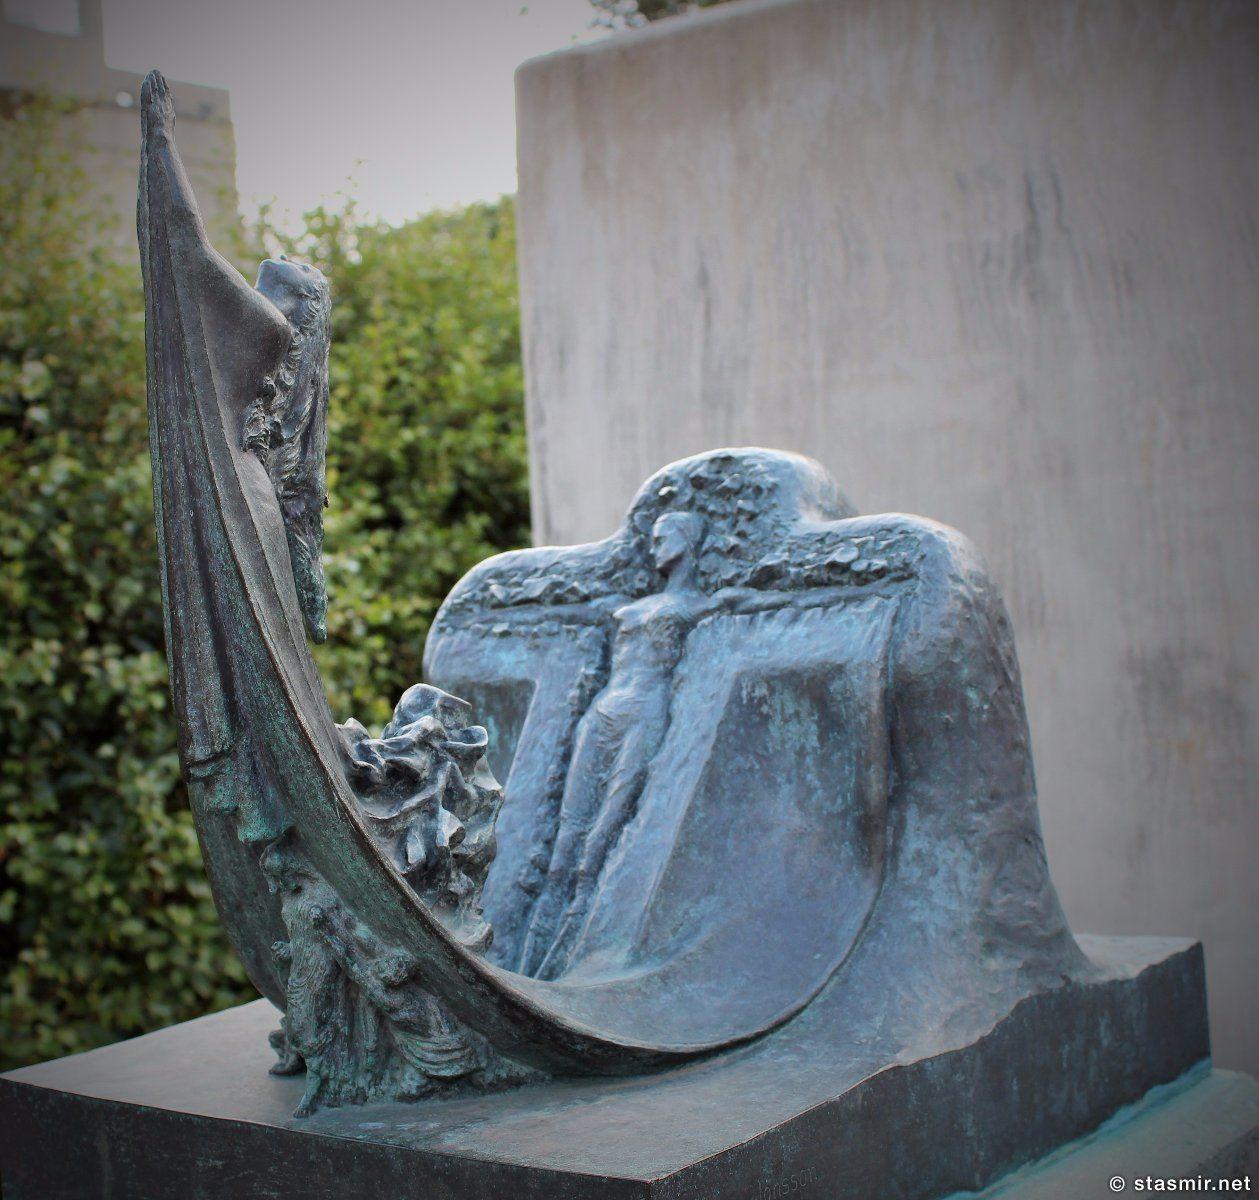 скульптор Einar Jónsson, Распятие - скульптура Эйнара Йоунссона, парк скульптуры в Рейкьявике в районе 101 Рейкьявик, фото Стасмир, Photo Stasmir